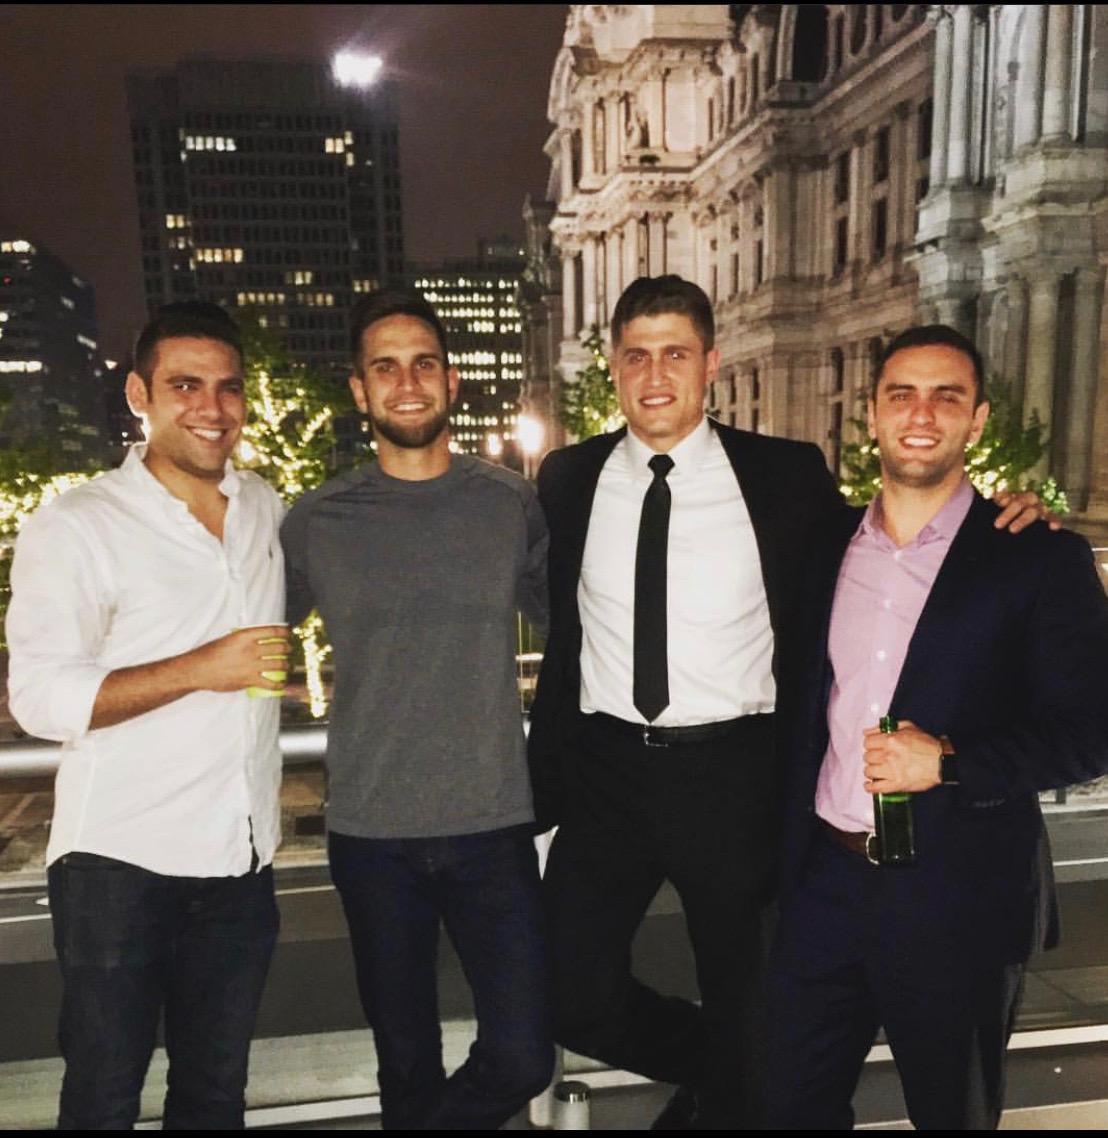 Scott with his friends Will, Ethen (groomsman), and Dan (groomsman).